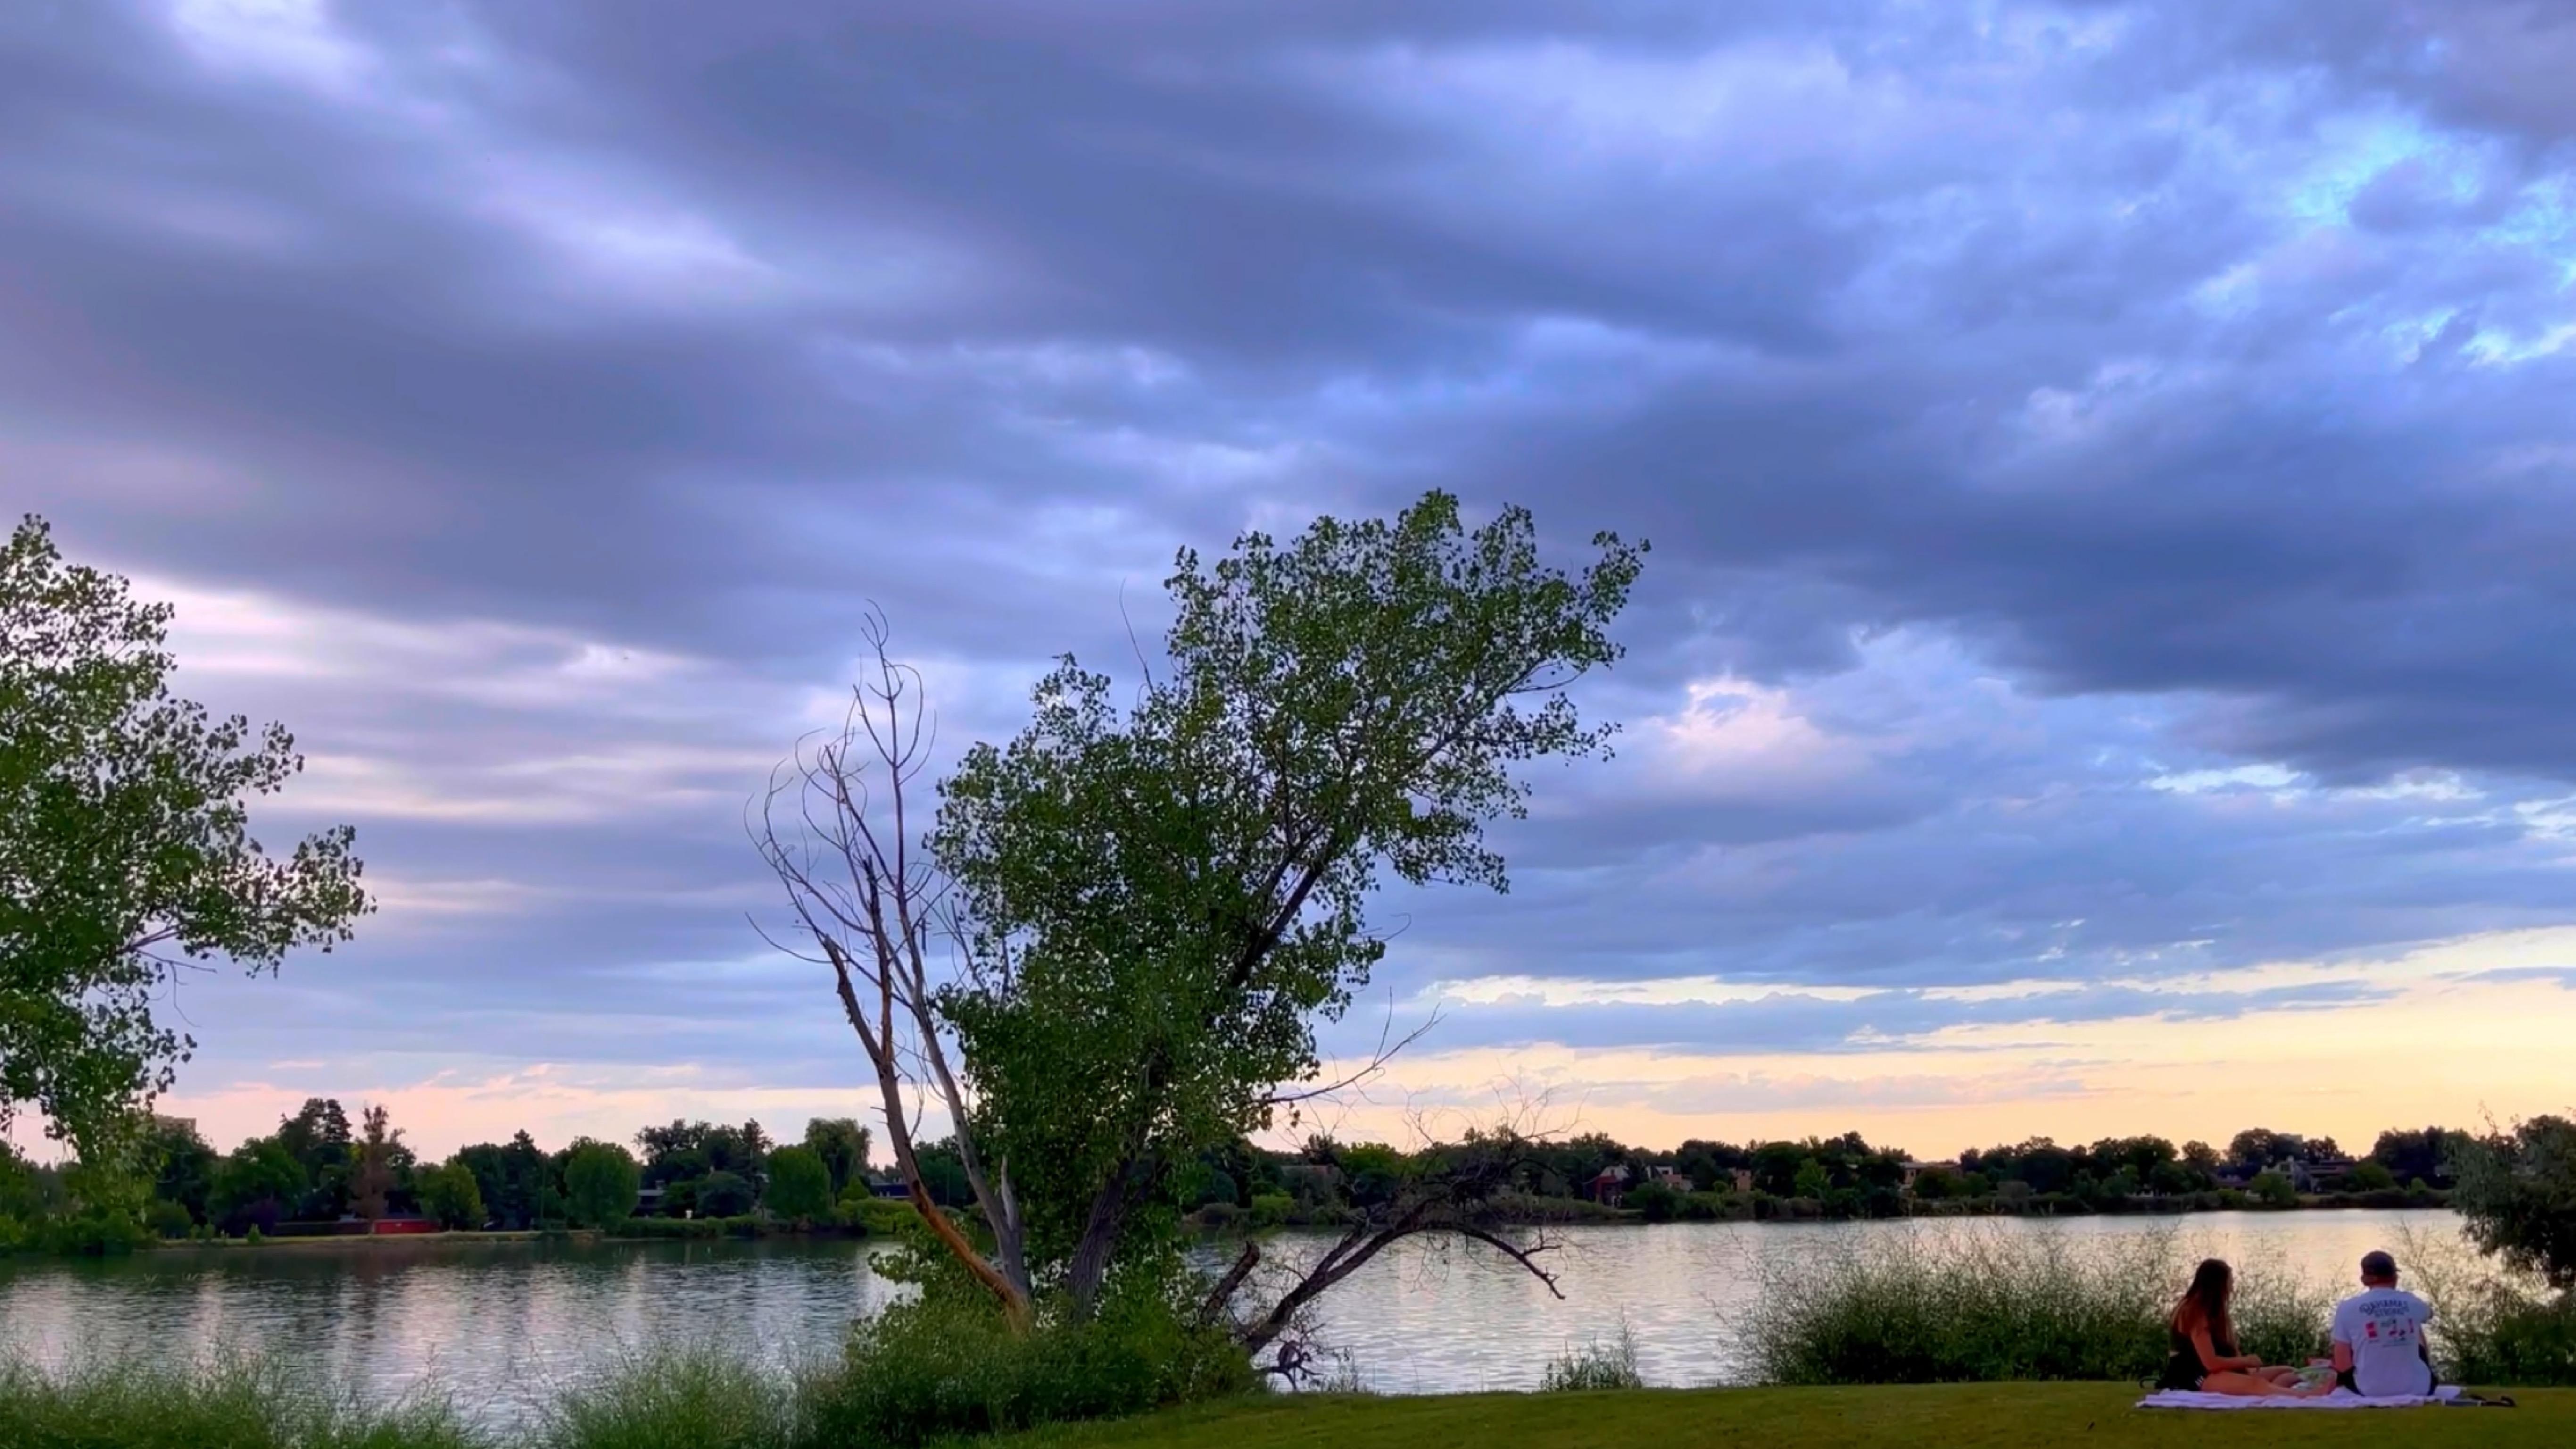 Que-hacer-en-Denver-Colorado-parques-y-lagos